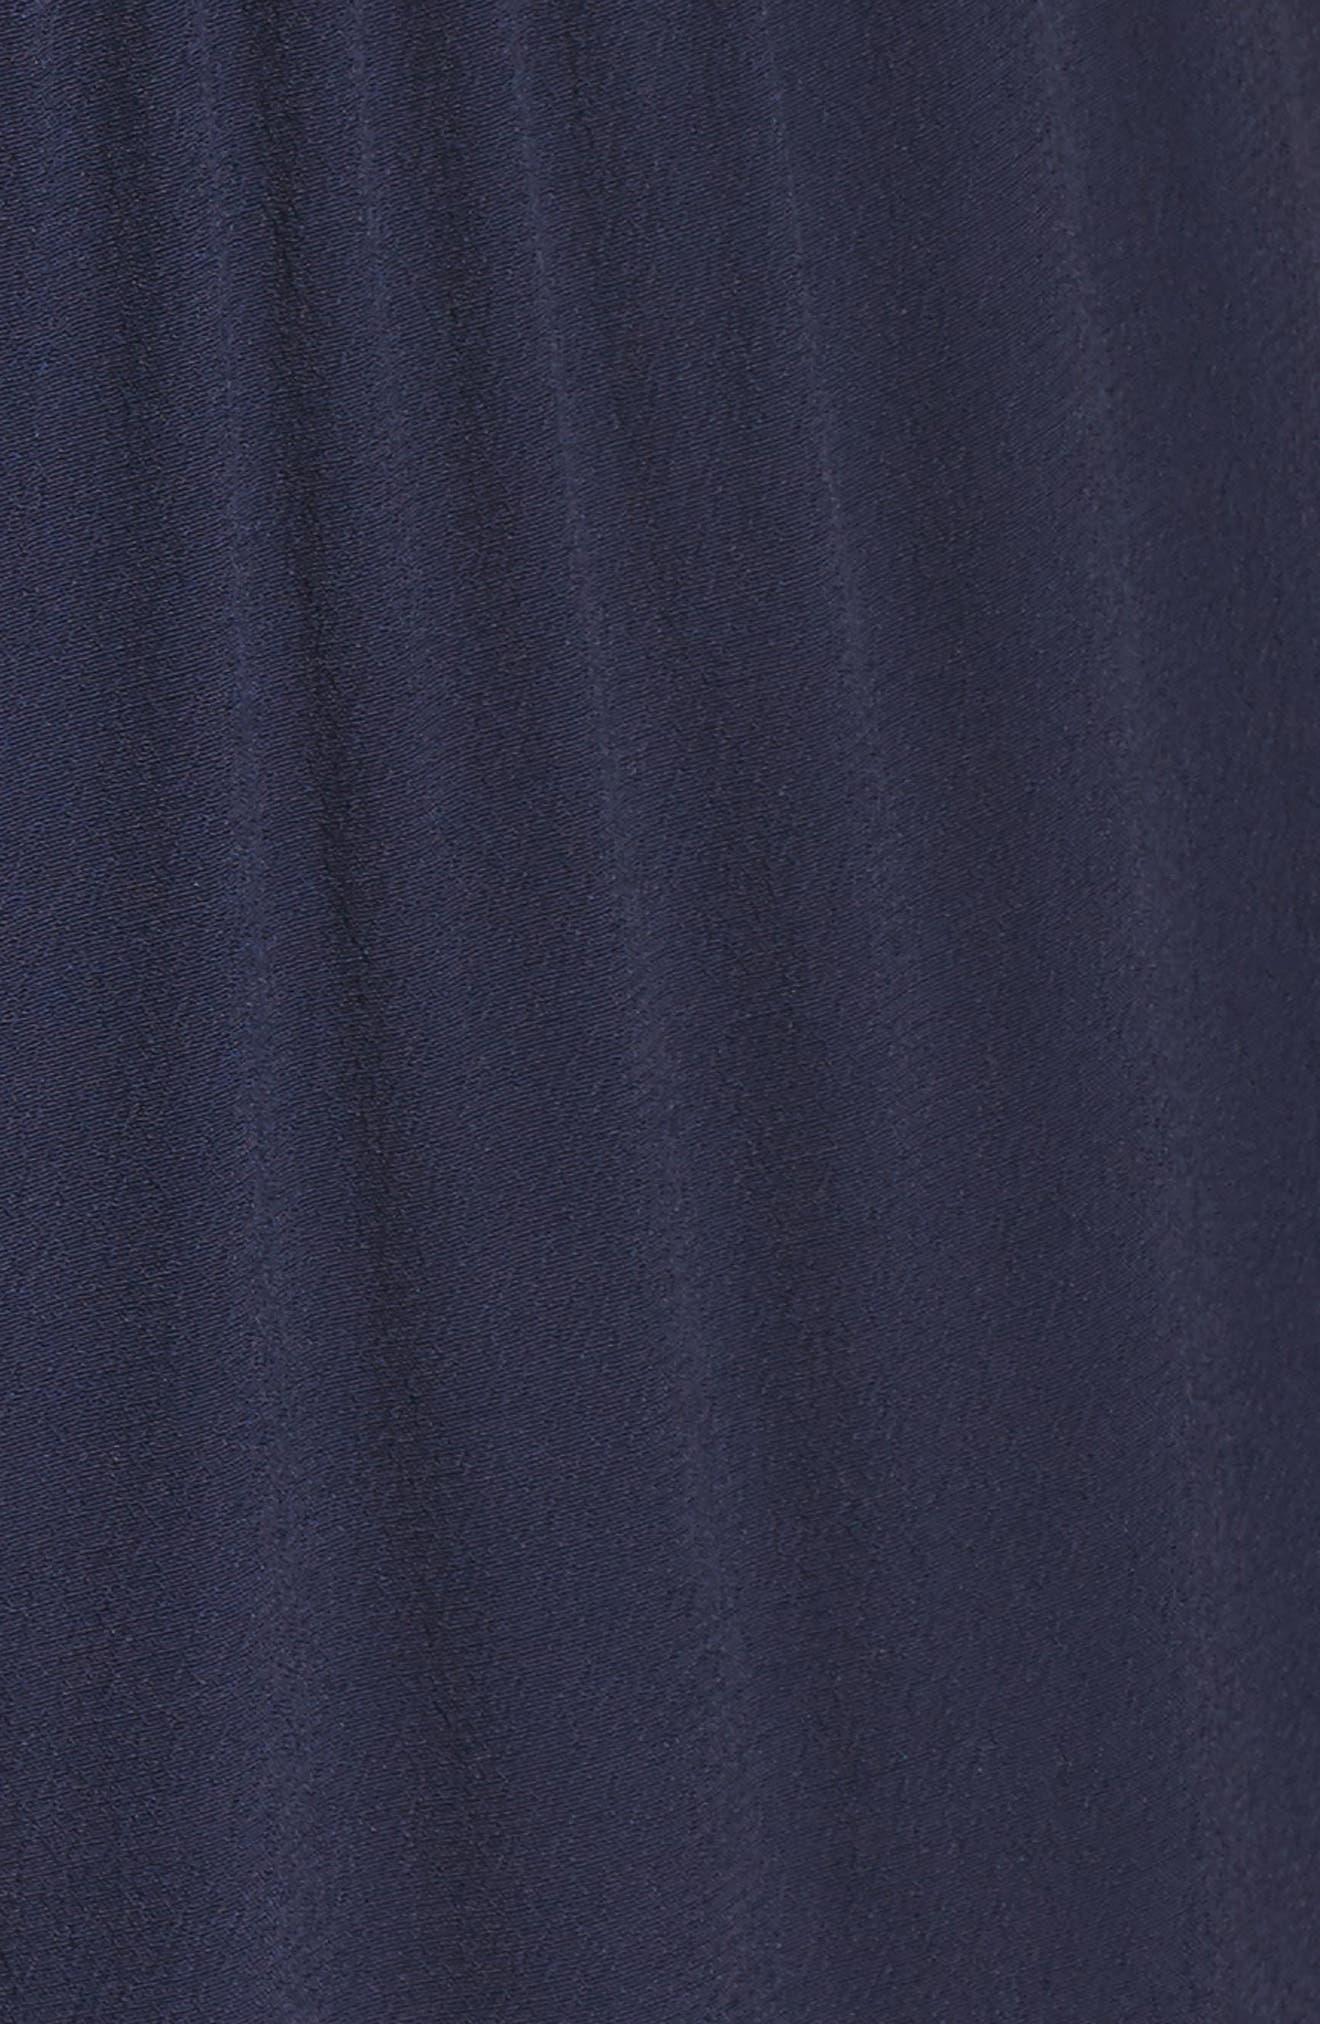 Blouson Jumpsuit,                             Alternate thumbnail 5, color,                             NAVY